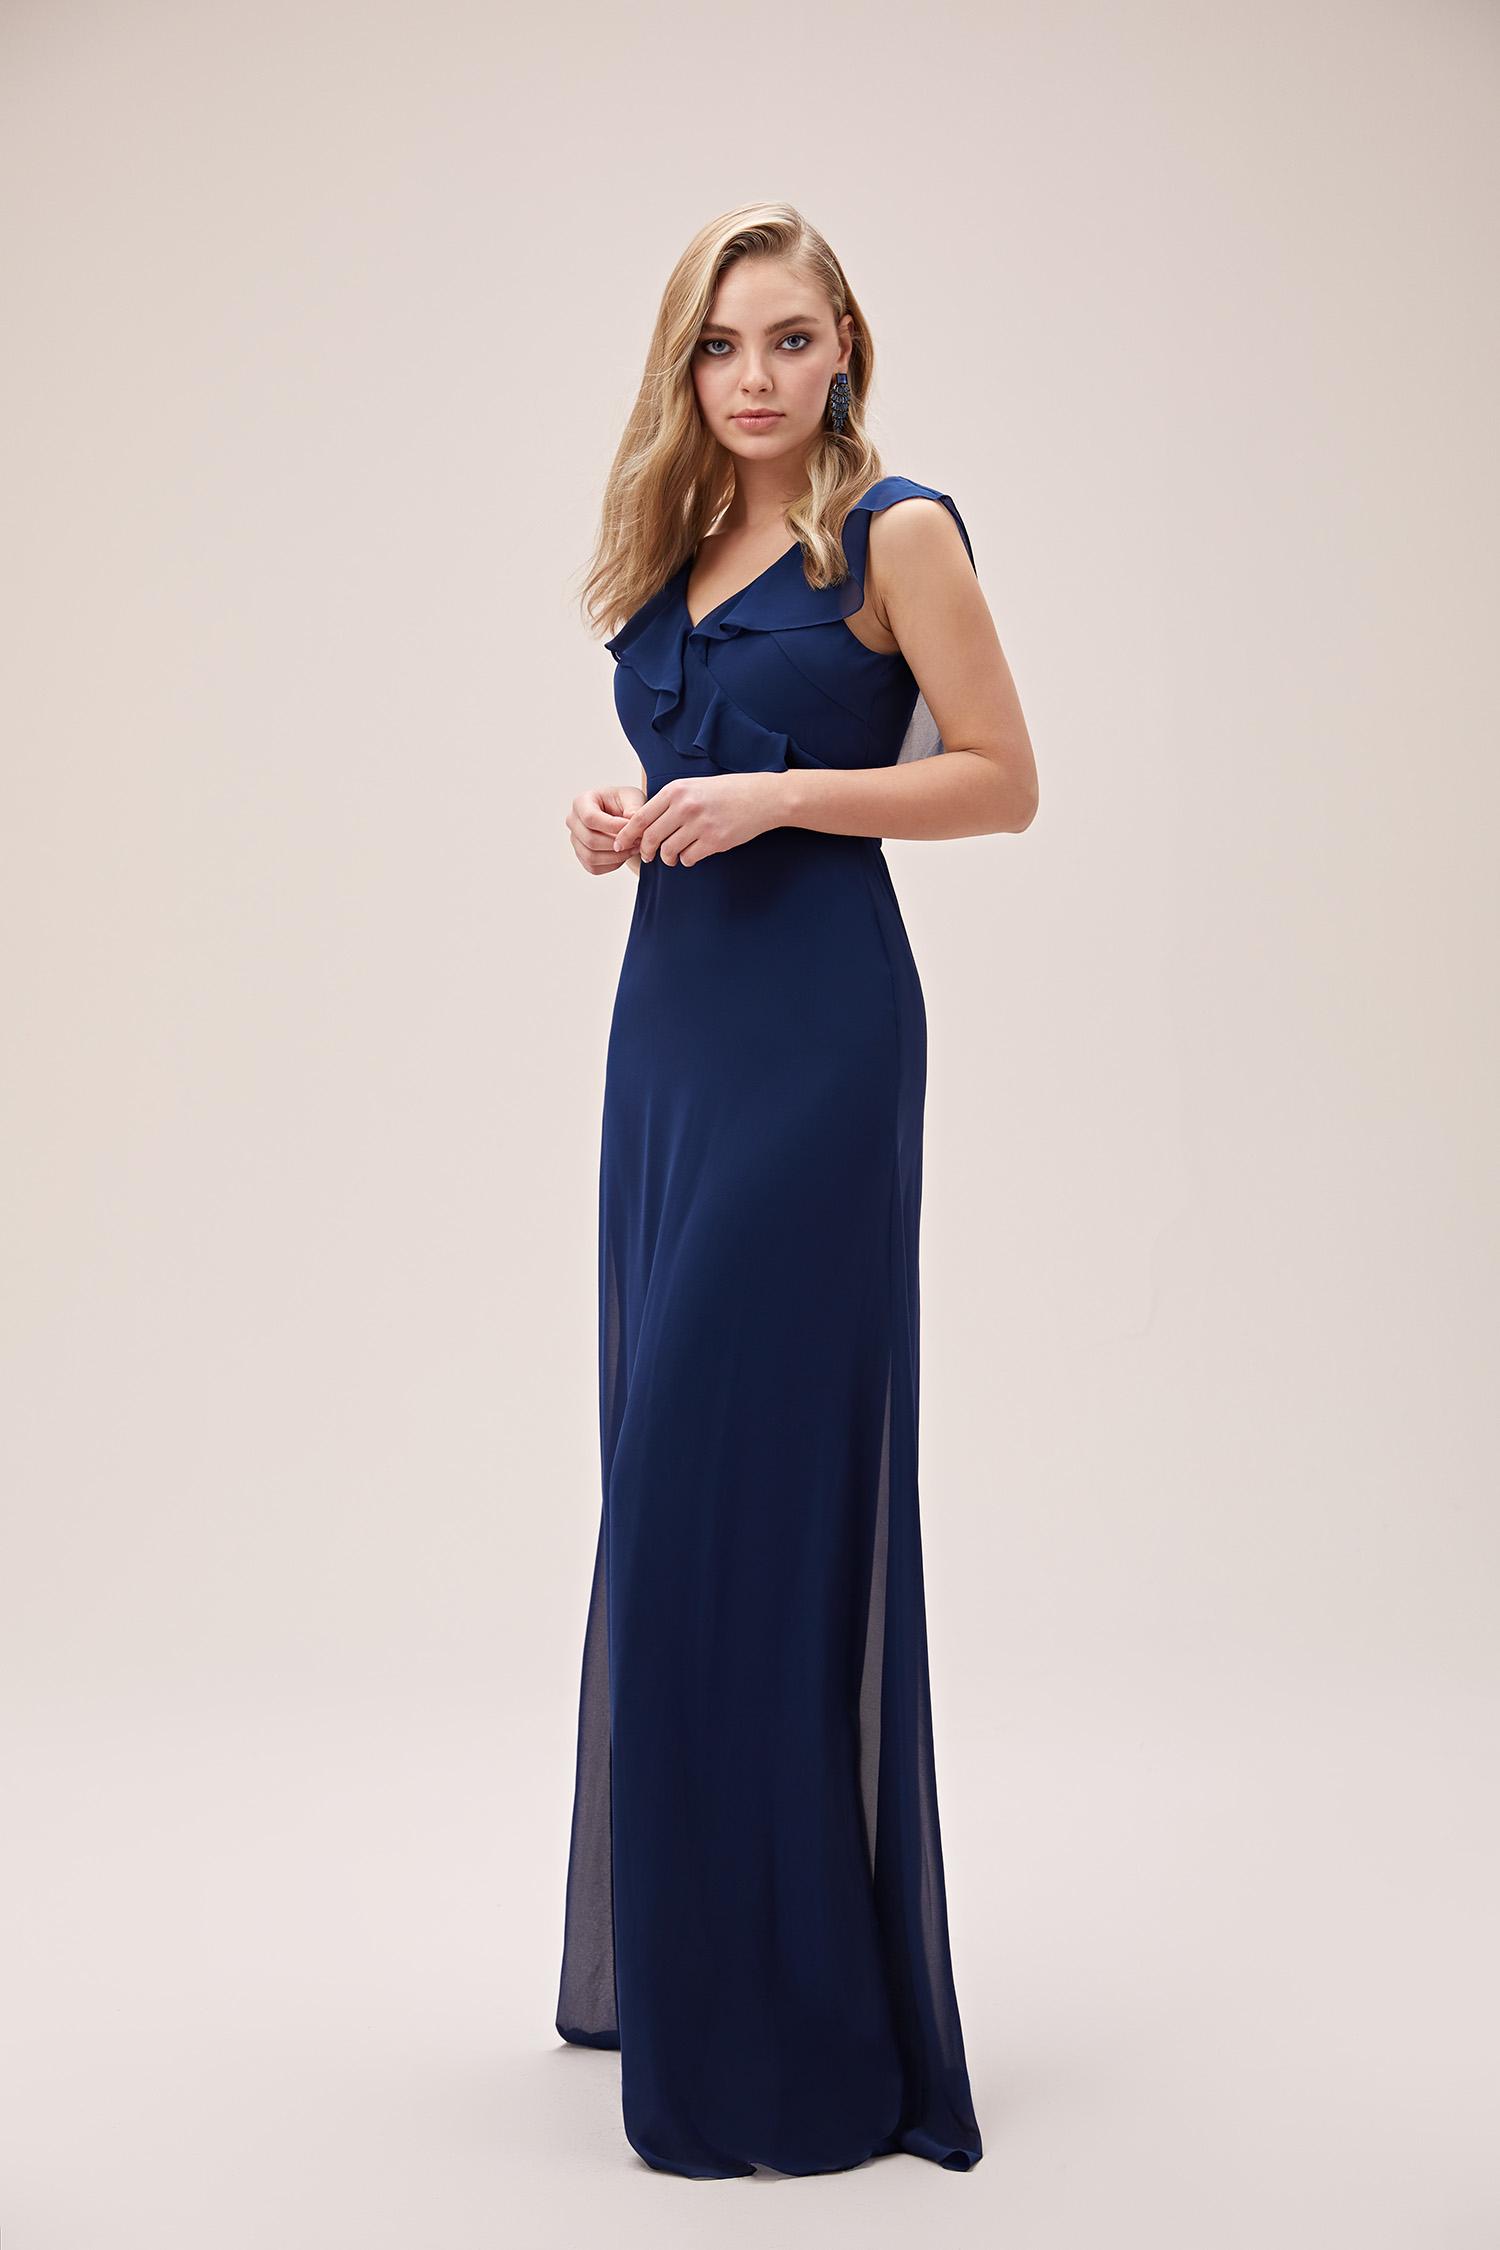 Lacivert Askılı Fırfırlı Şifon Uzun Abiye Elbise - Thumbnail